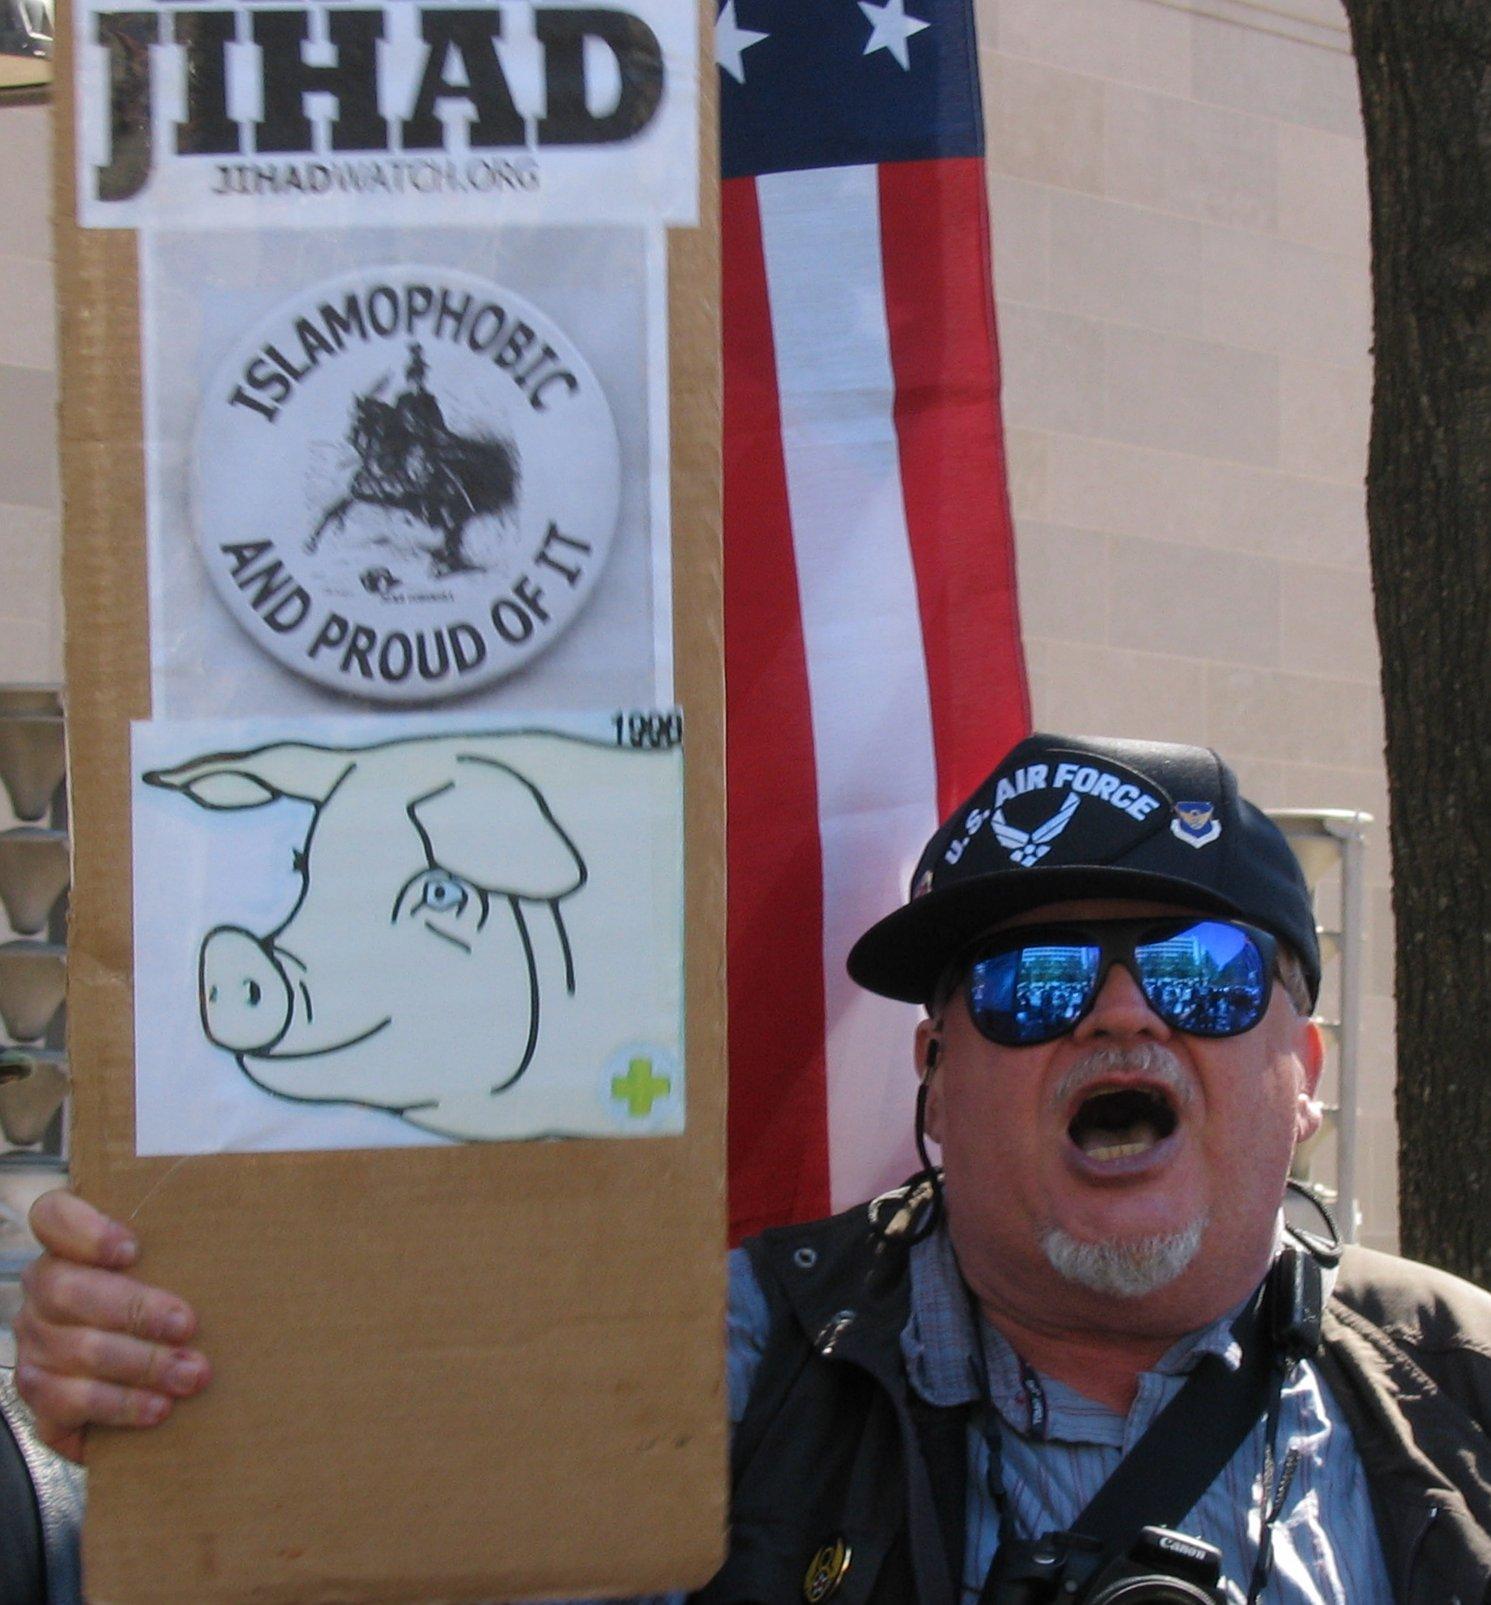 islamophobe